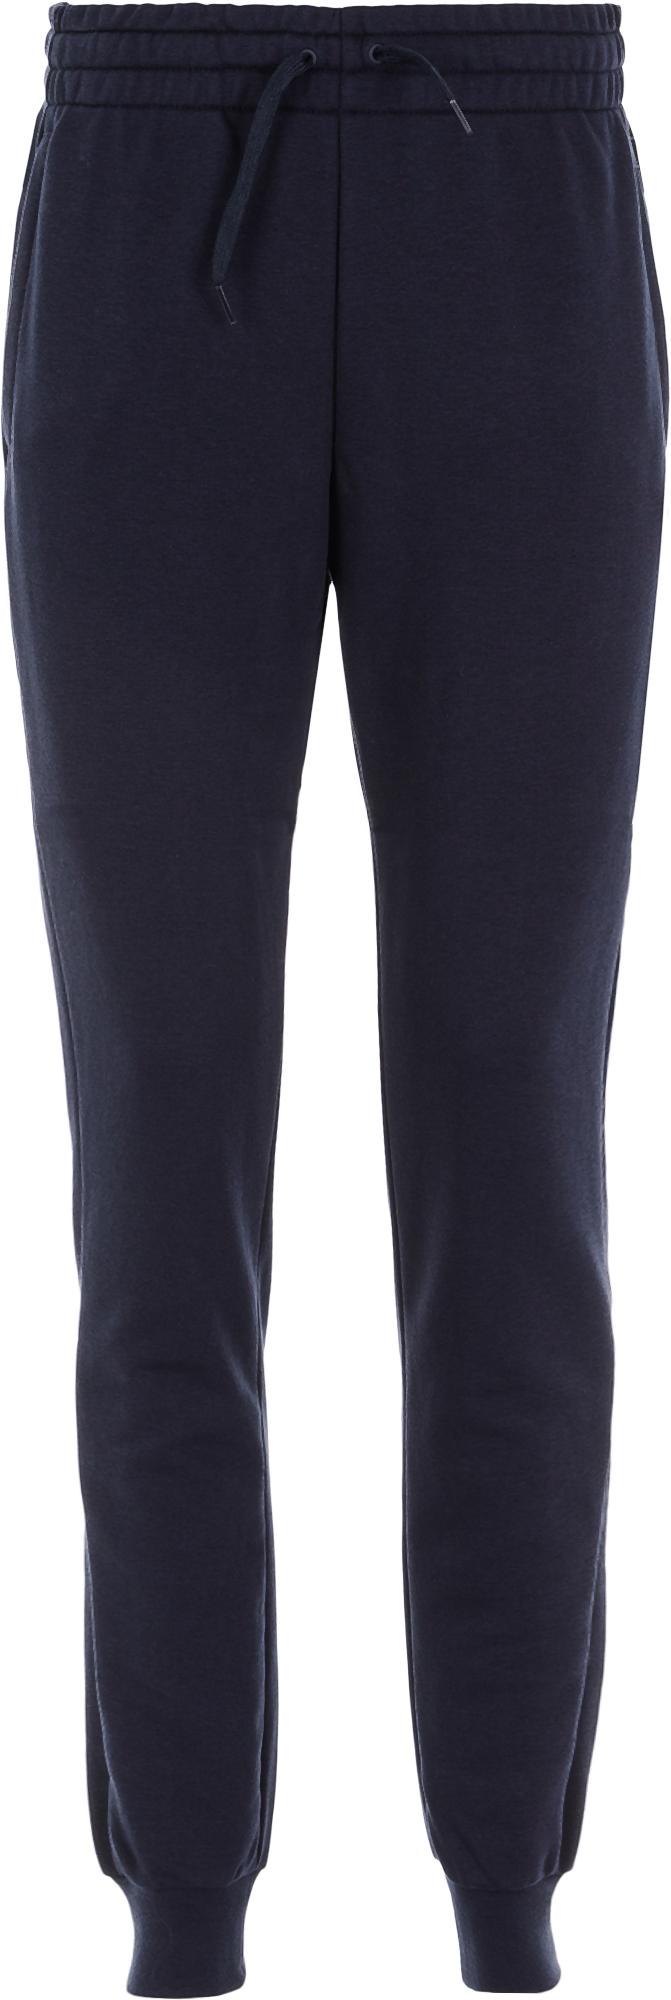 Adidas Брюки женские Essentials, размер 54-56